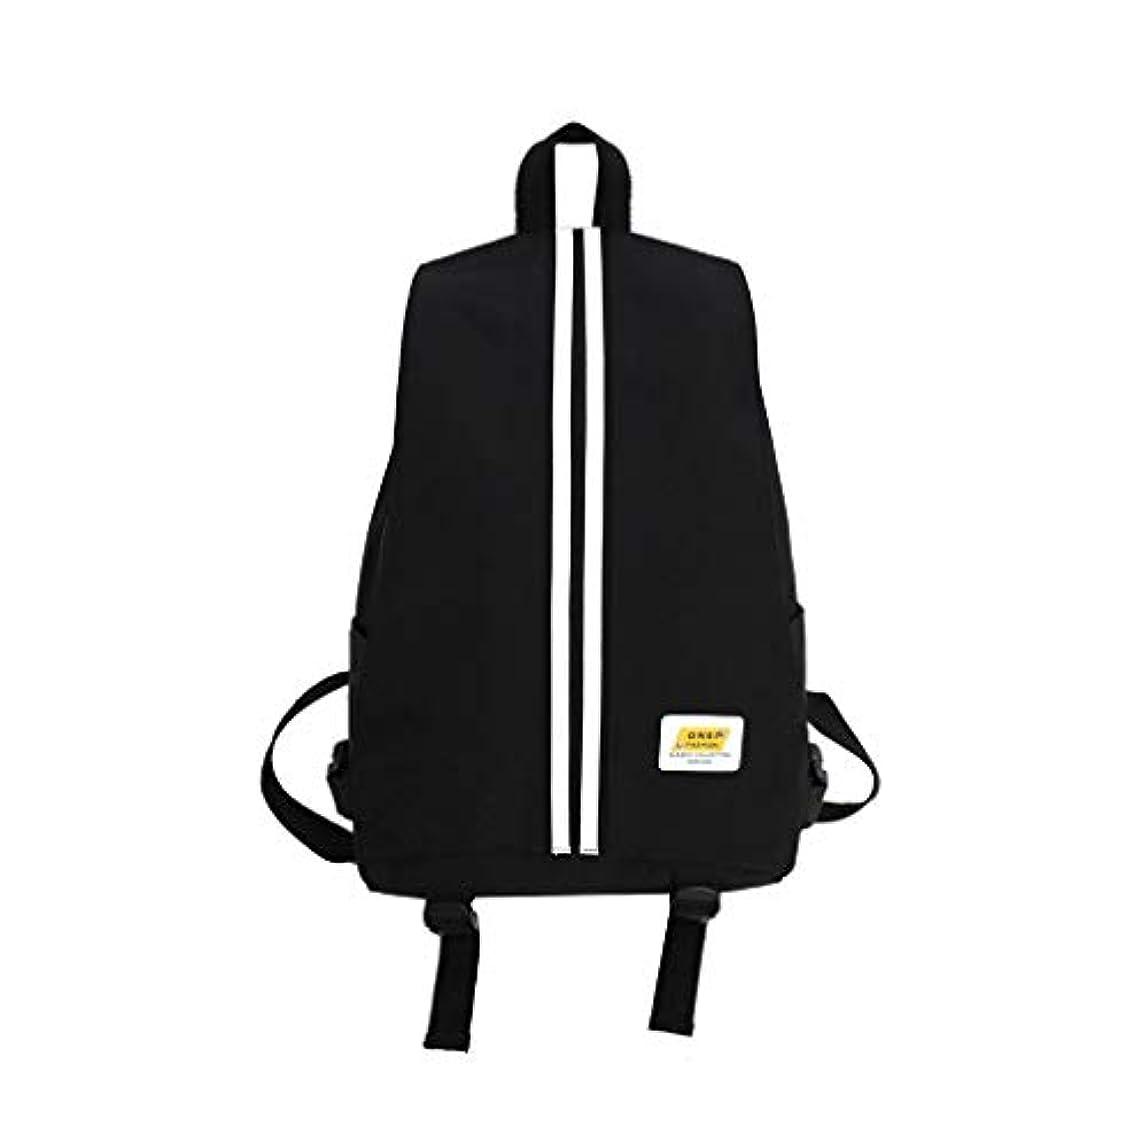 優雅できたそしてショルダーバッグ バックパック大容量 学生鞄通学通勤レジャー鞄 ママリュック リュックサック クリアランス ファッション軽量コンピューターバッグハイキングレジャートラベルバッグ